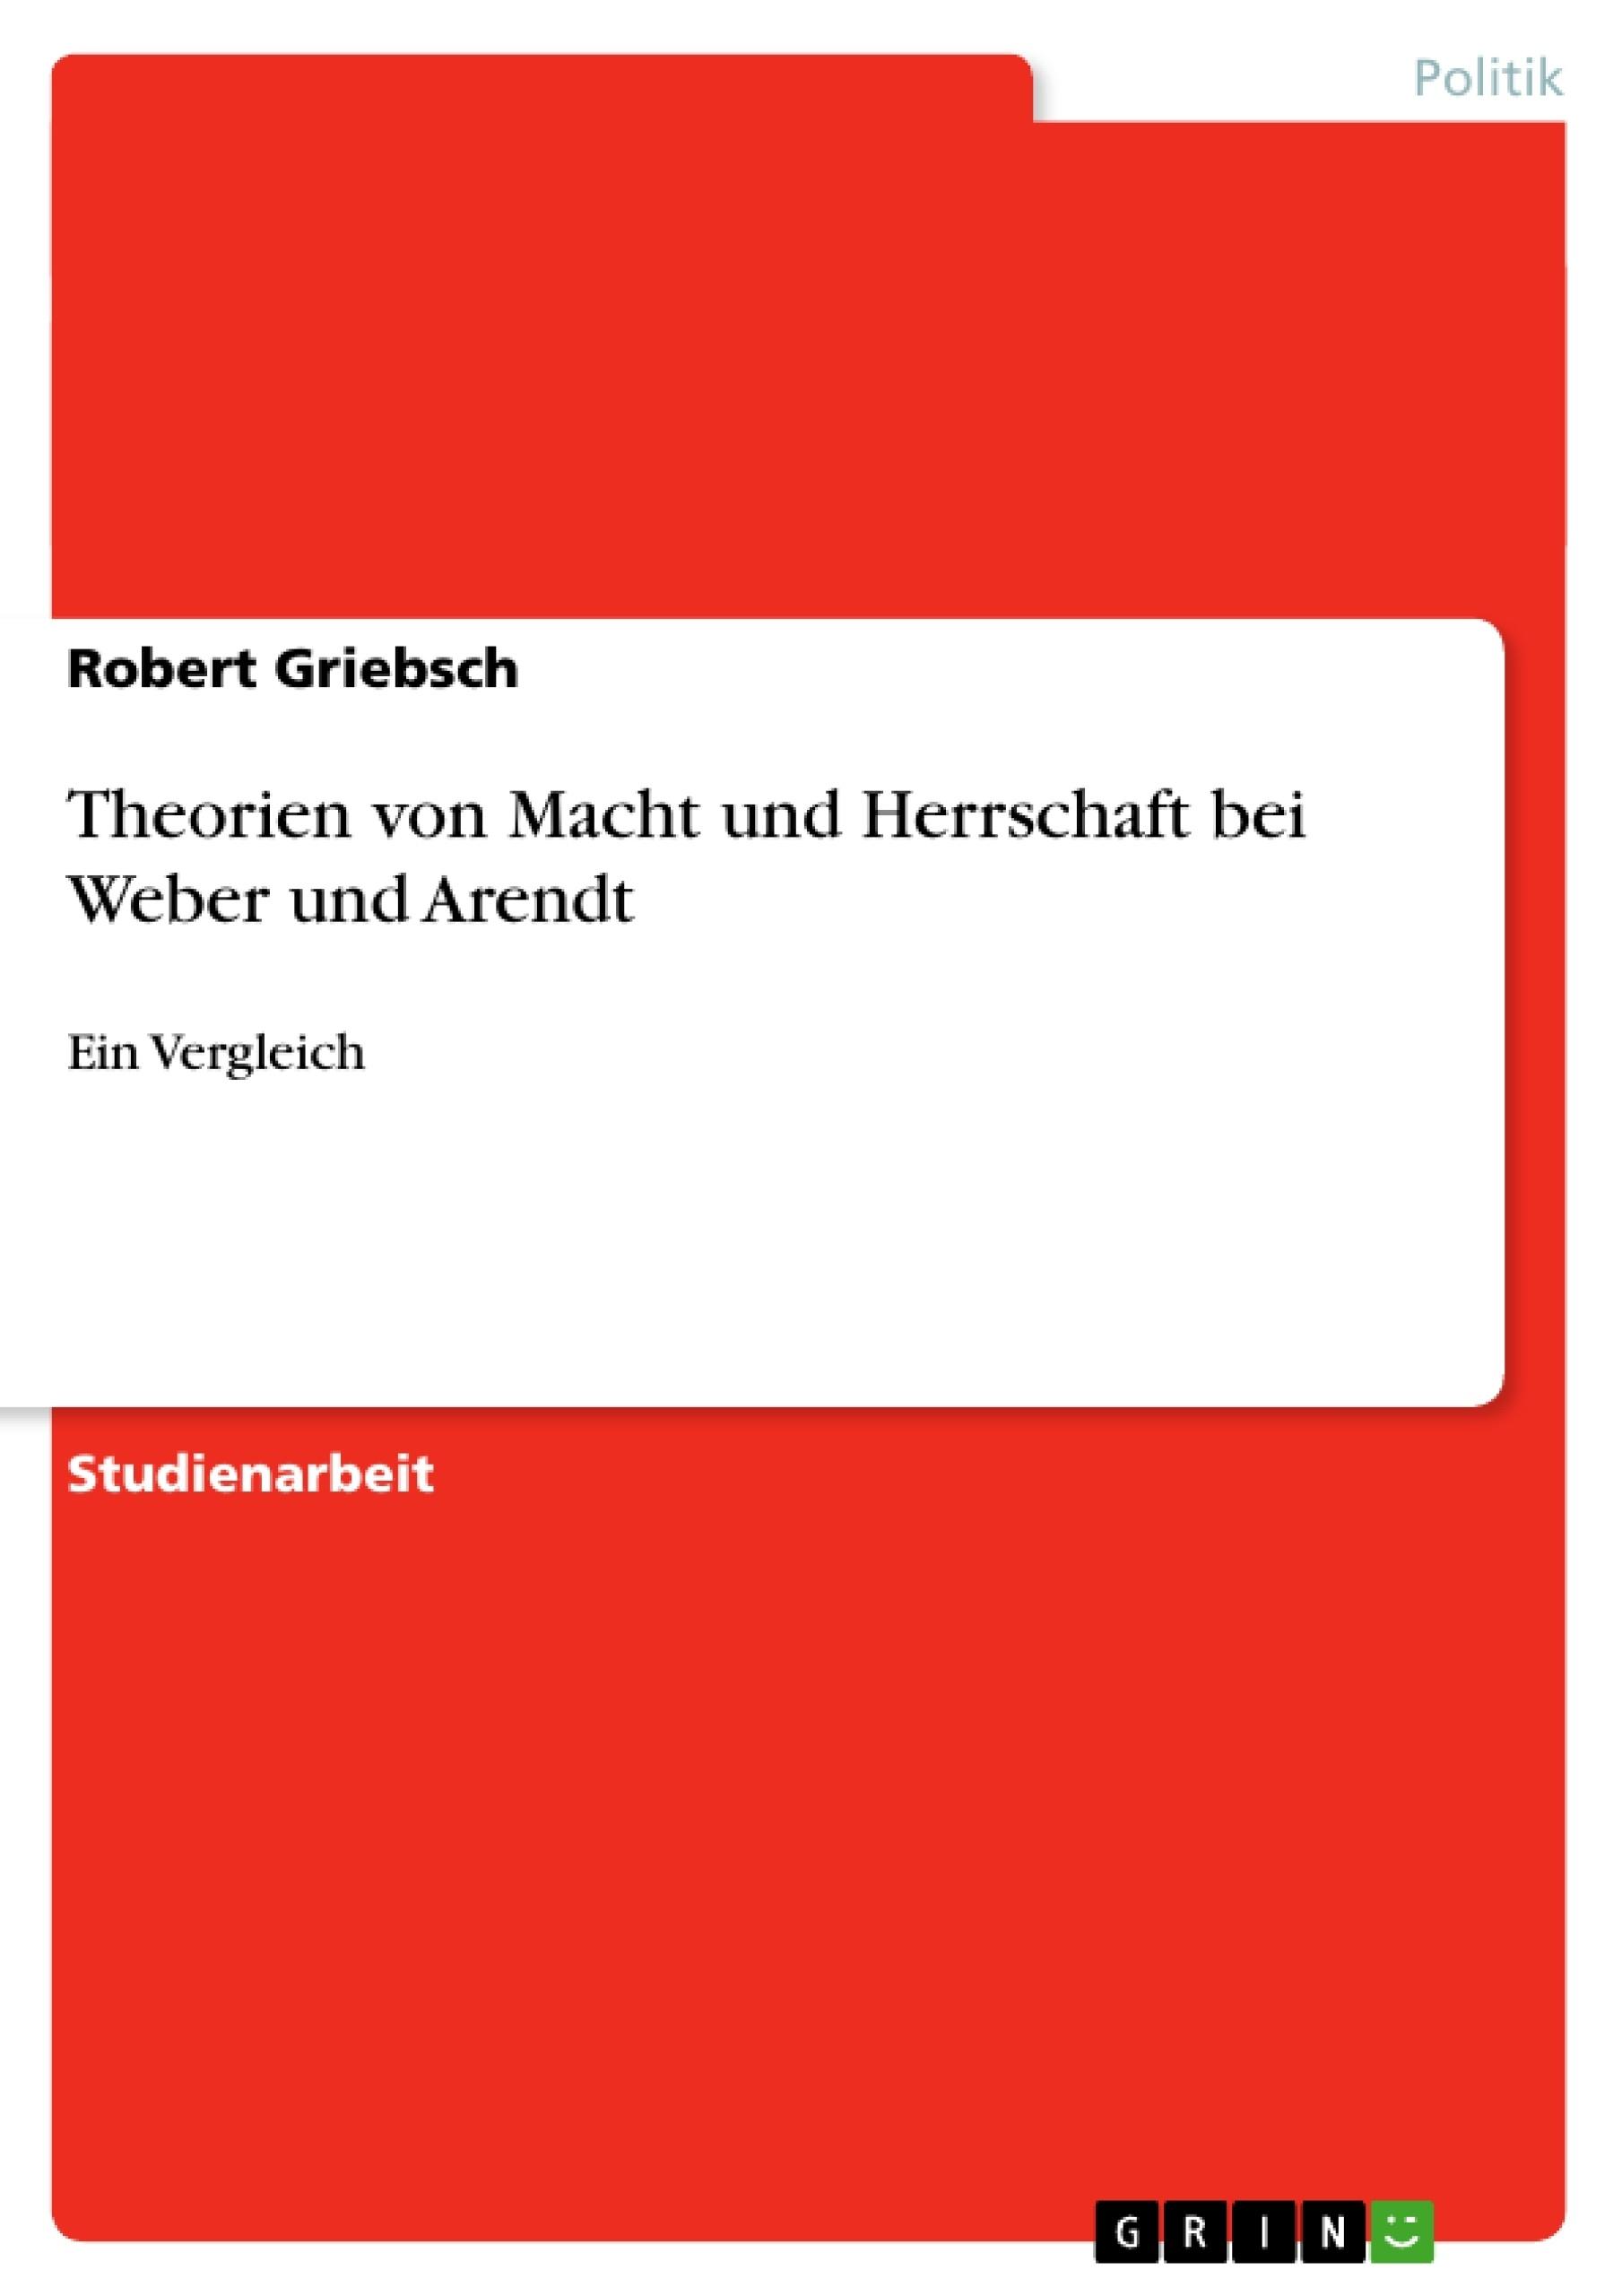 Titel: Theorien von Macht und Herrschaft bei Weber und Arendt